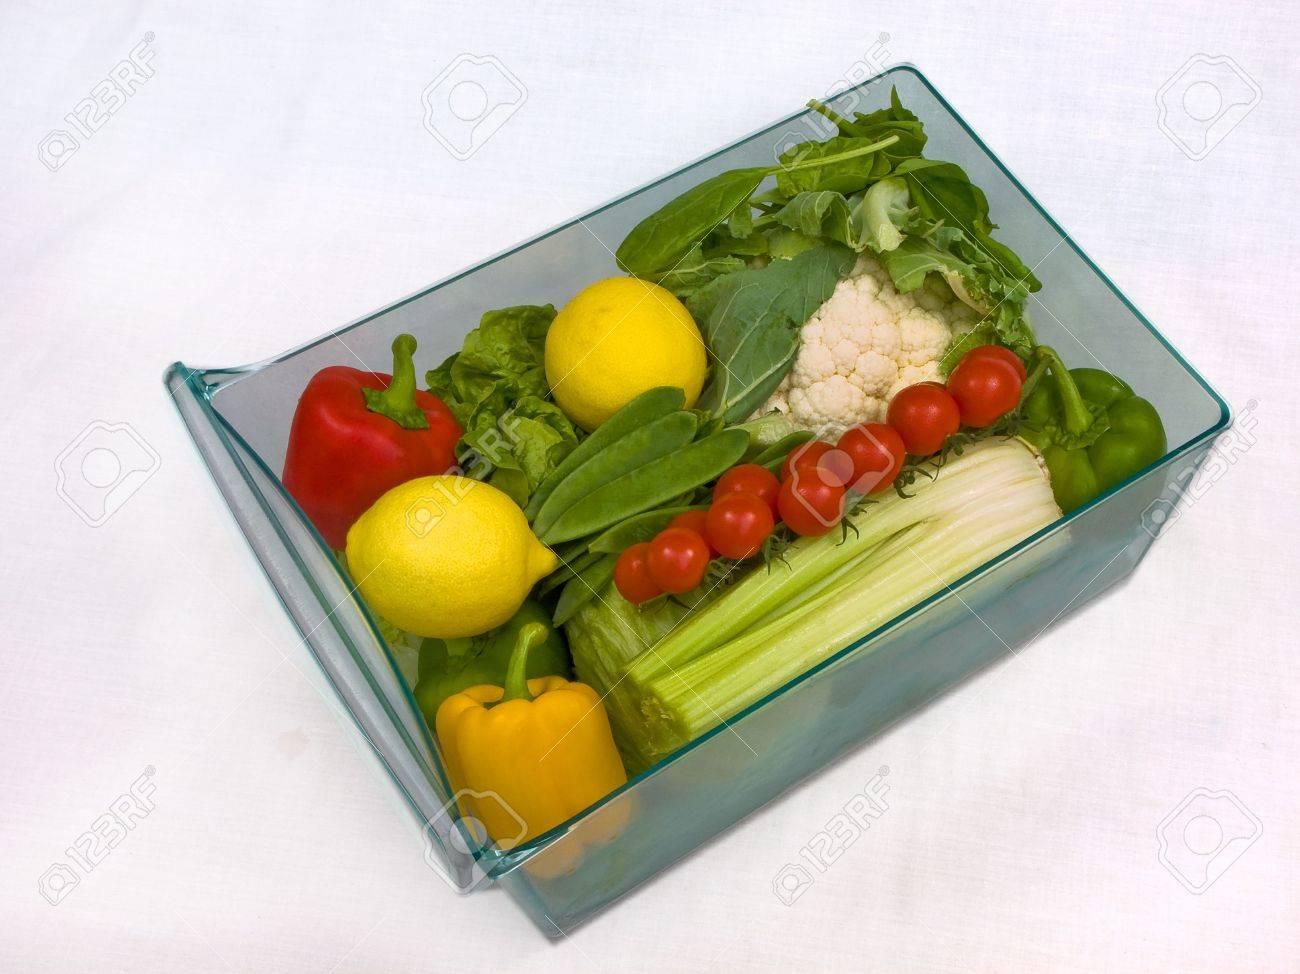 Kühlschrank Schublade : Kühlschrank gemüse schublade lizenzfreie fotos bilder und stock